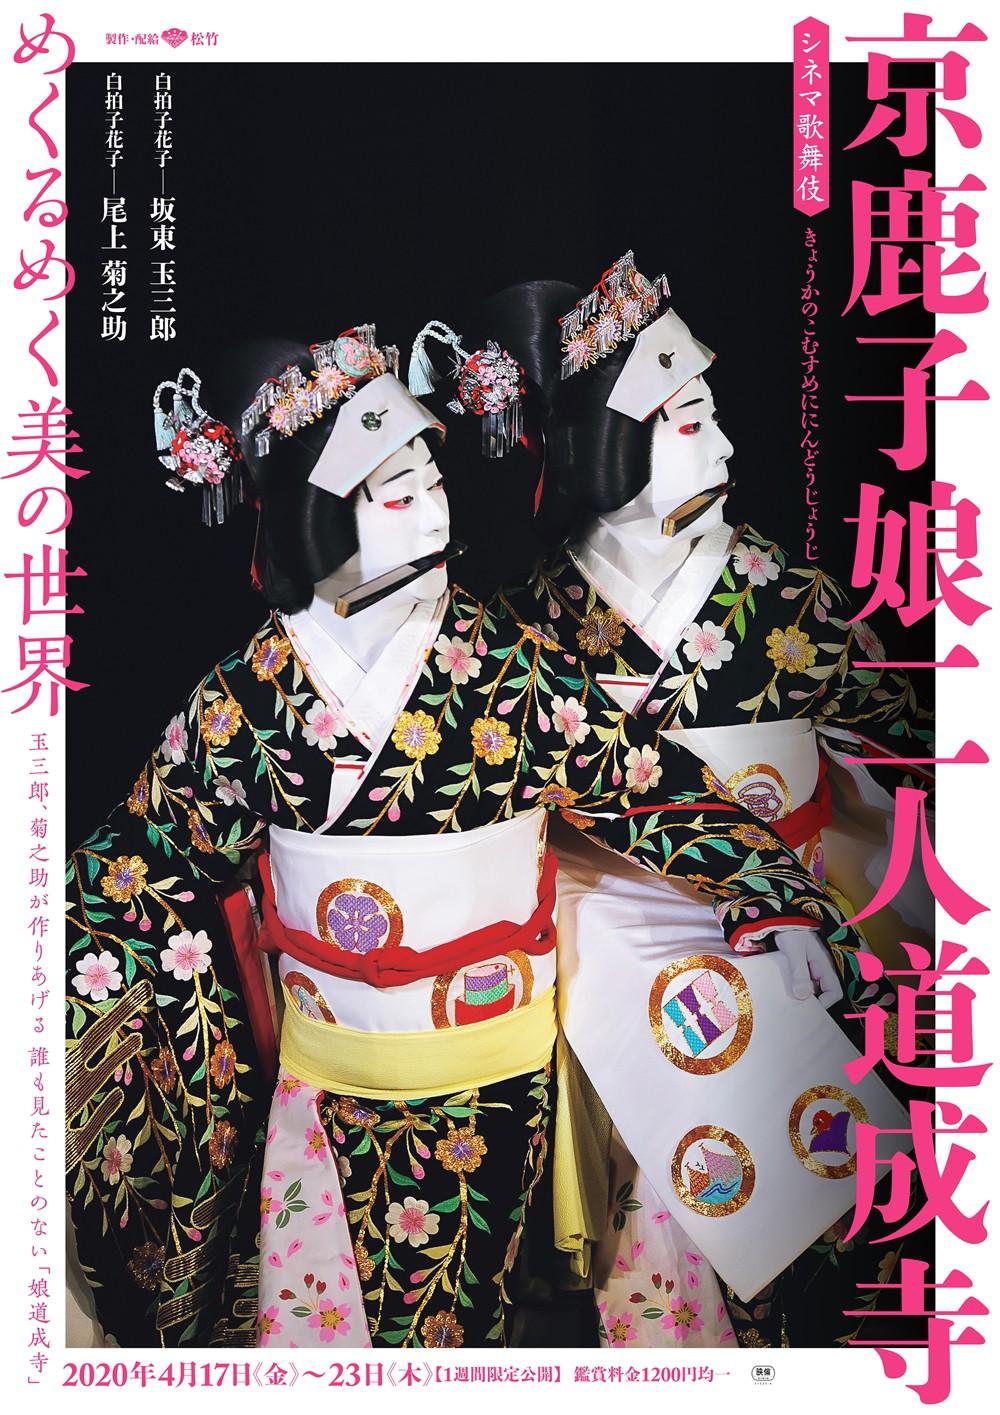 シネマ歌舞伎 「京鹿子娘二人道成寺」